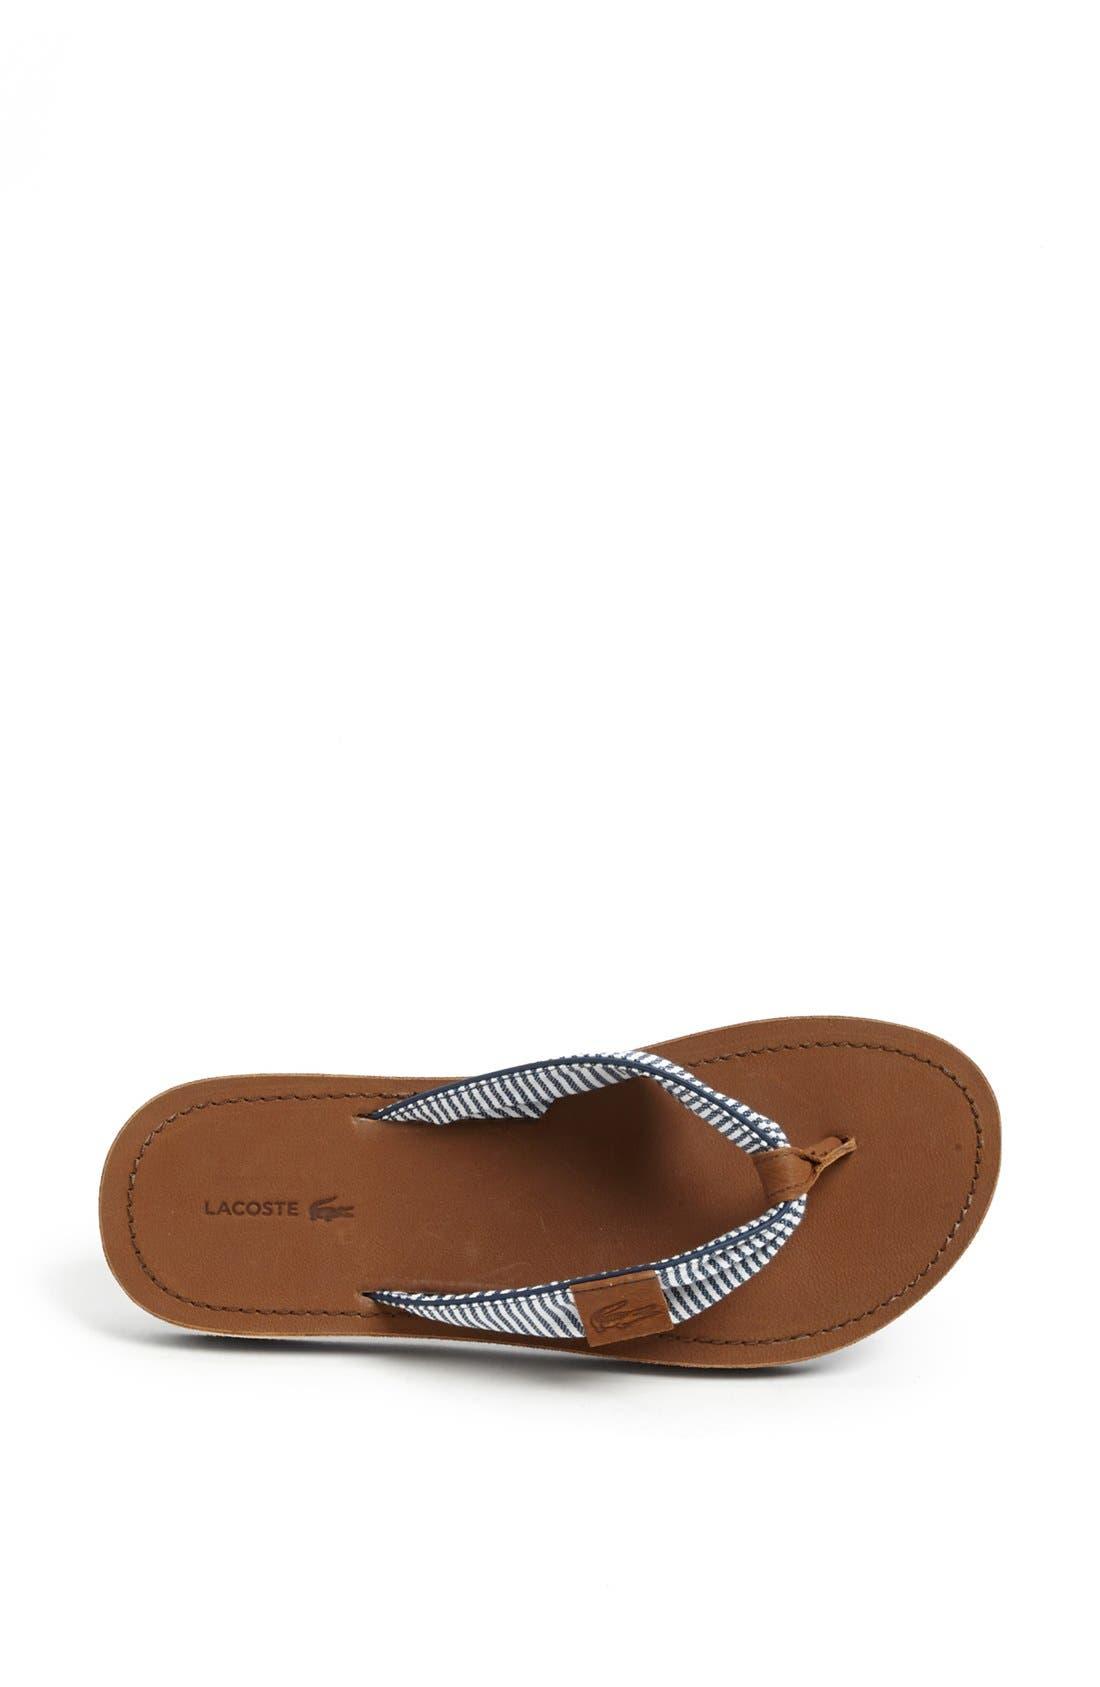 Alternate Image 3  - Lacoste 'Maridell' Sandal